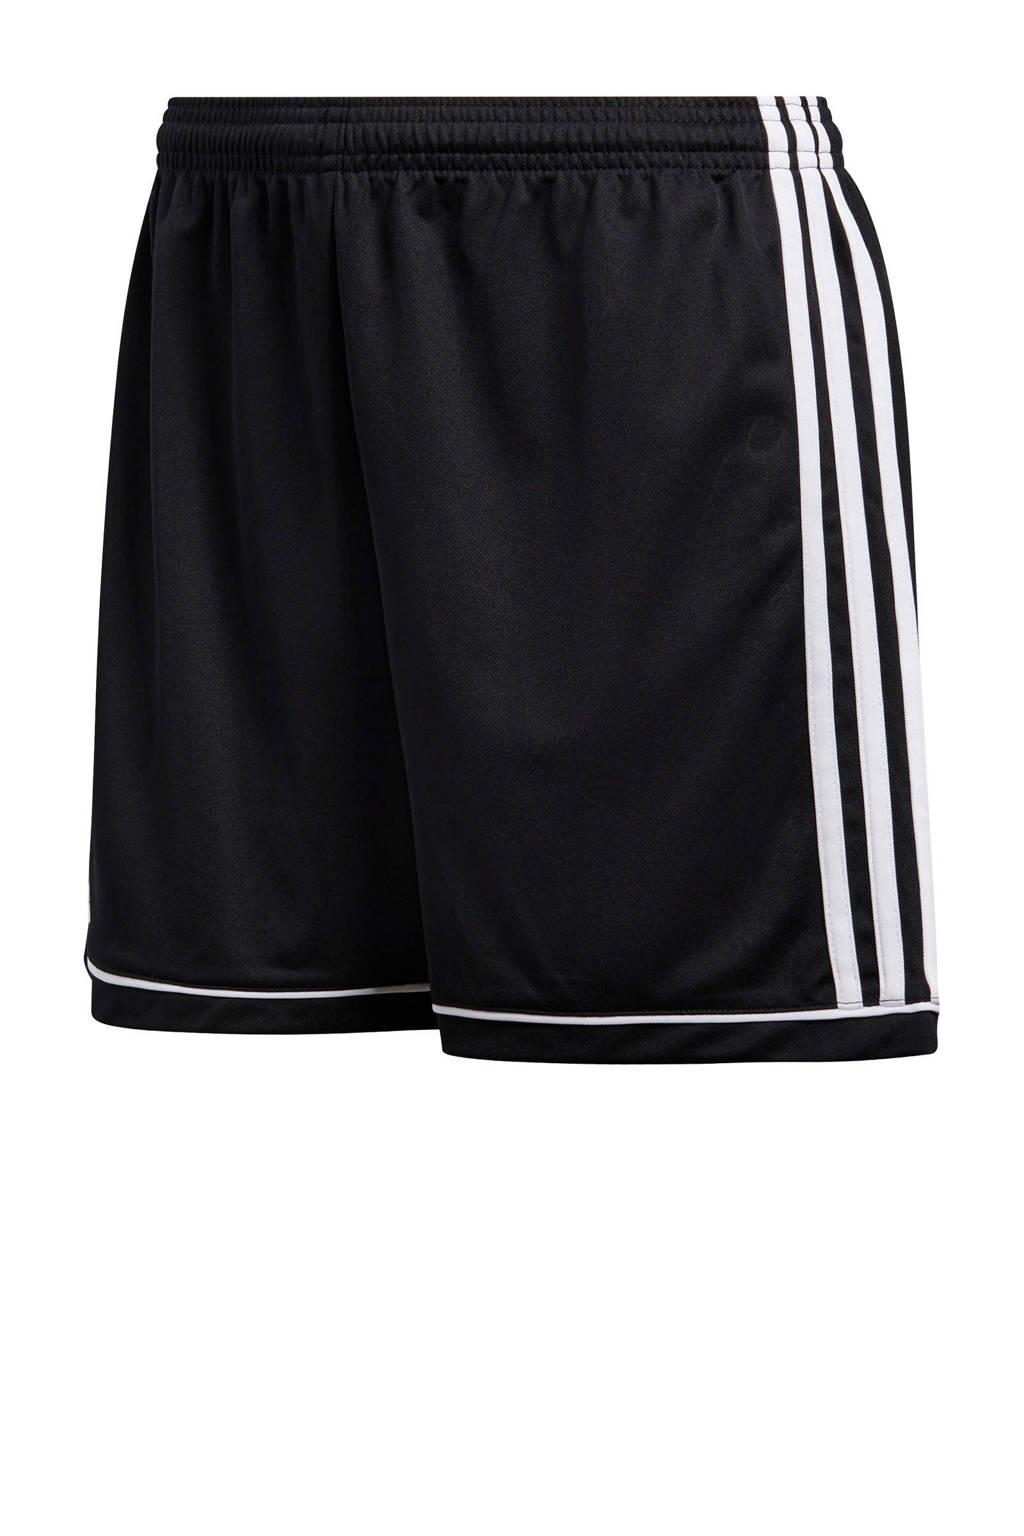 adidas performance Squad 17 sportshort zwart, Zwart/wit